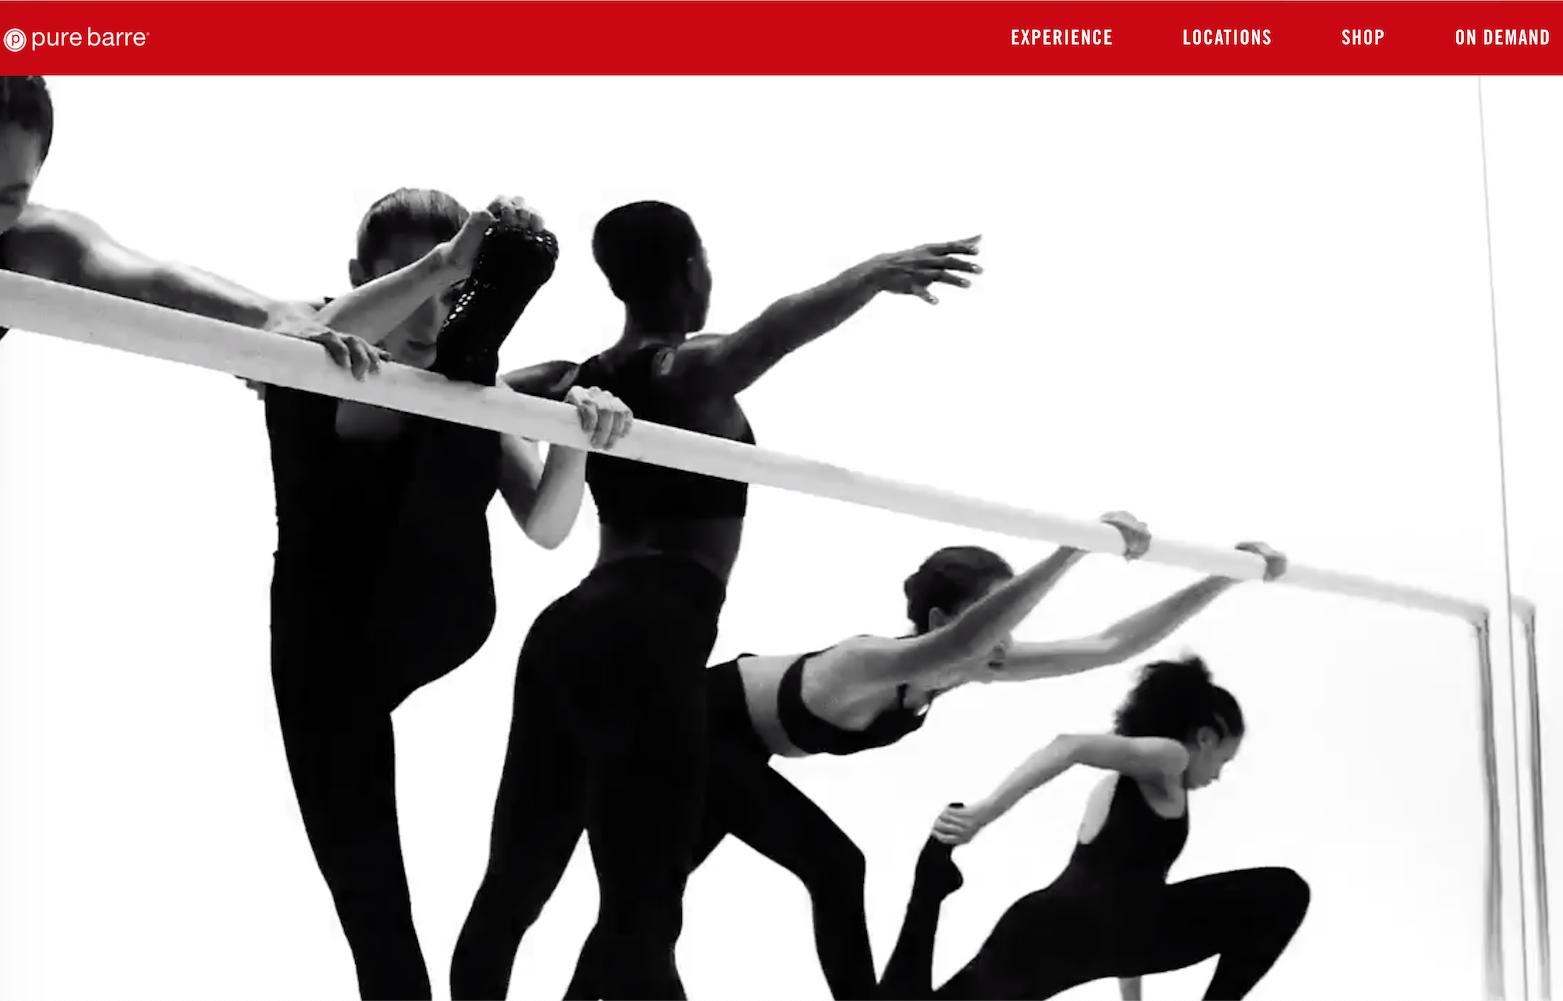 """""""芭蕾把杆健身""""的开创者-Pure Barre被美国最大的精品健身品牌管理公司收购"""